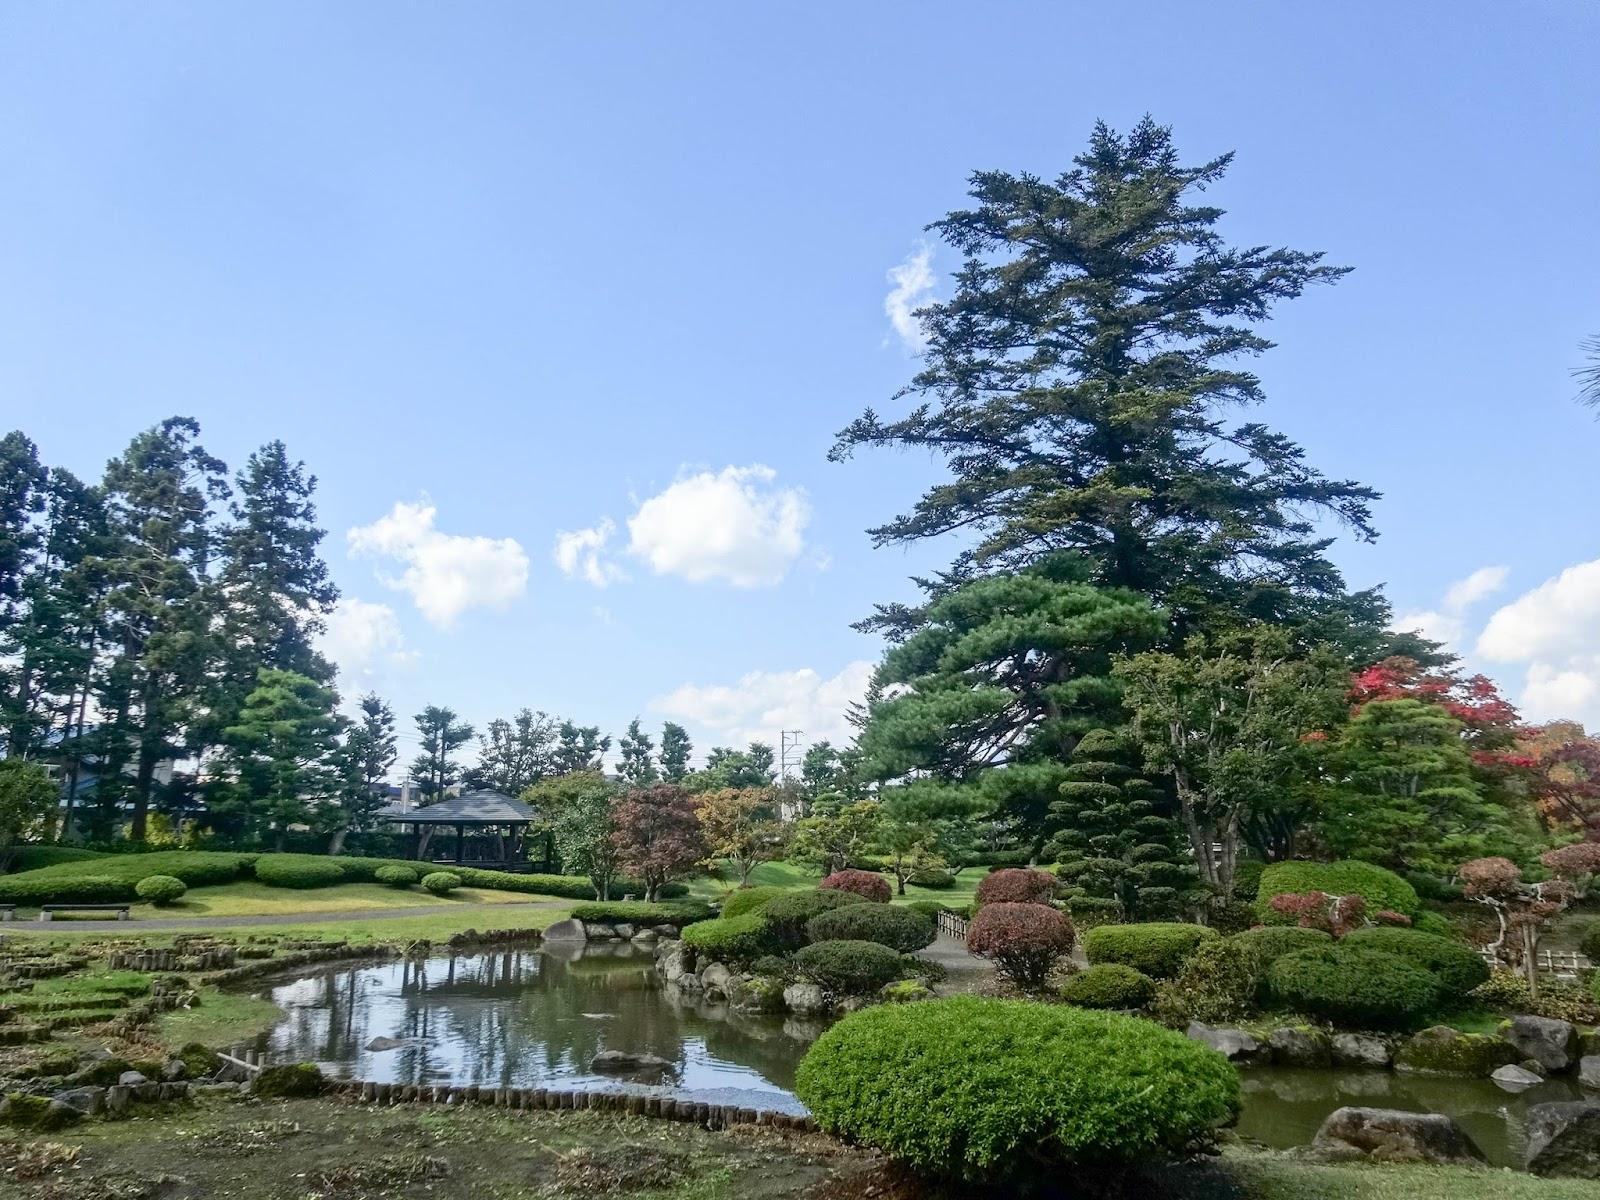 紅葉,藤田記念庭園,弘前,青森〈著作権フリー画像〉Free Stock Photos